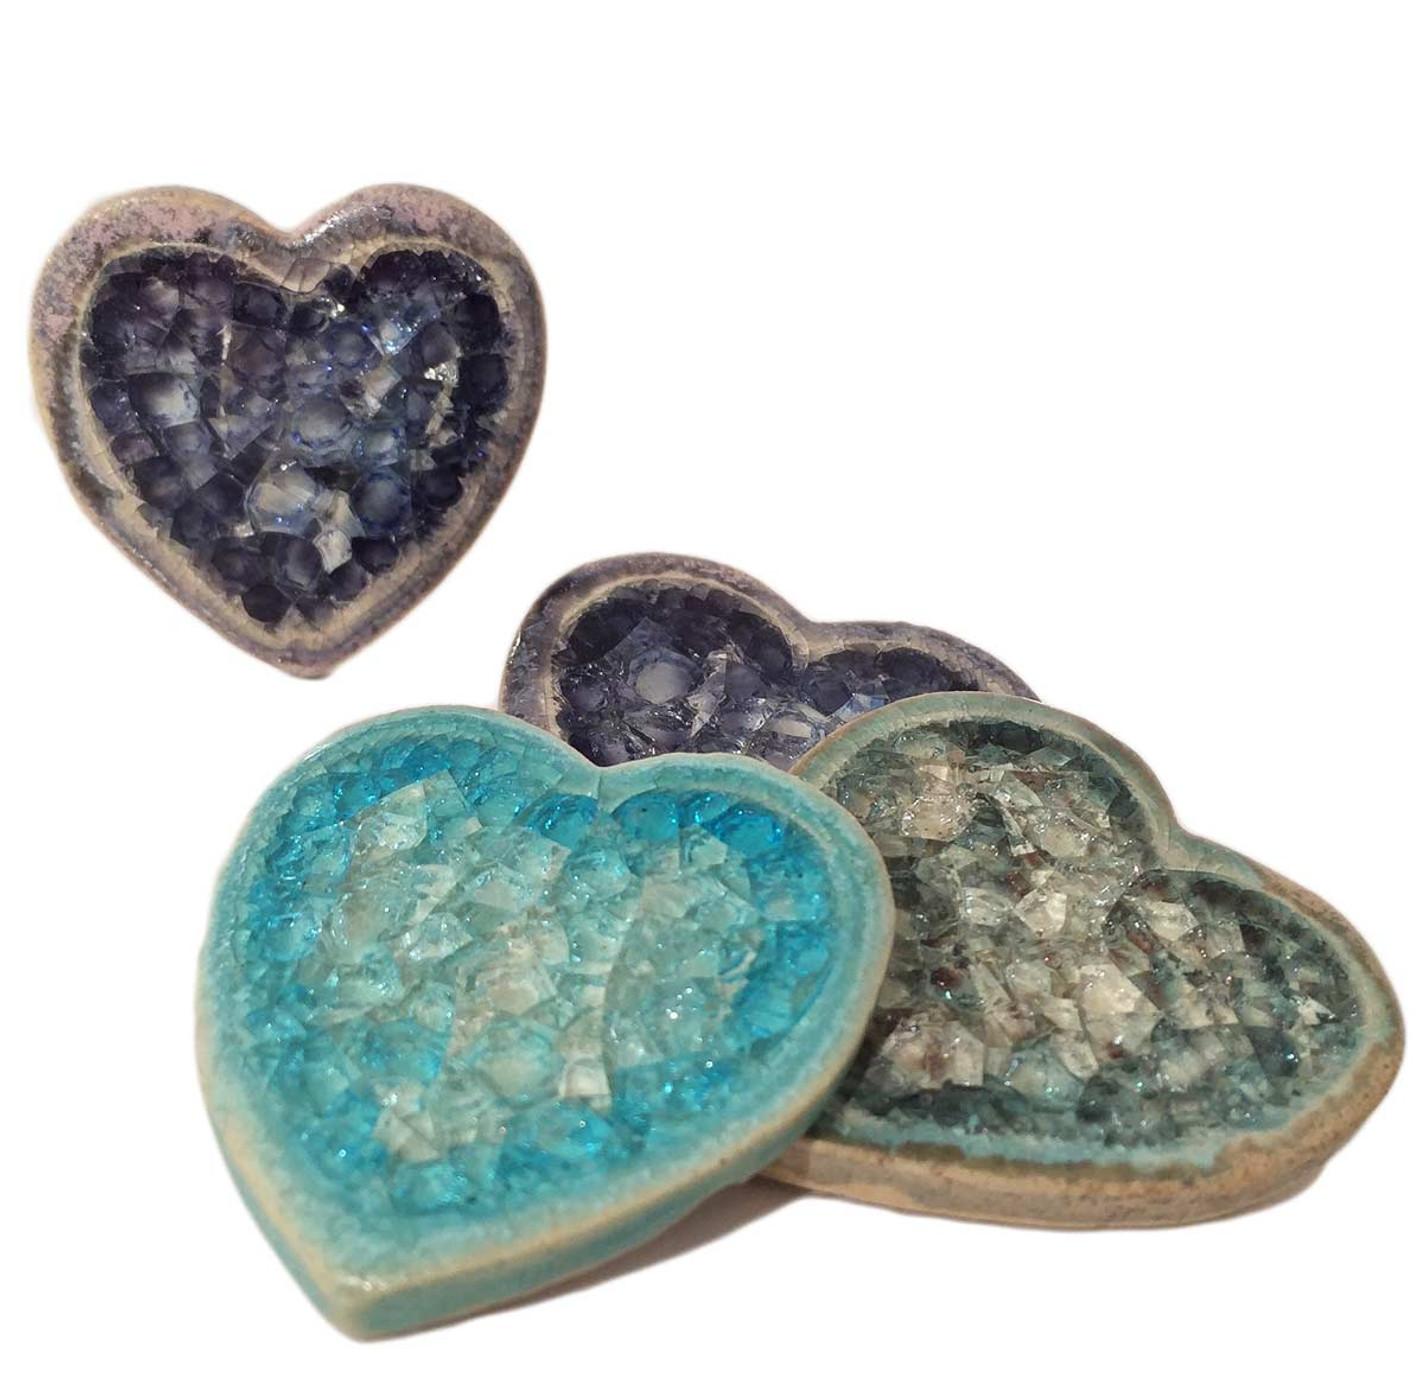 heart shape magnets